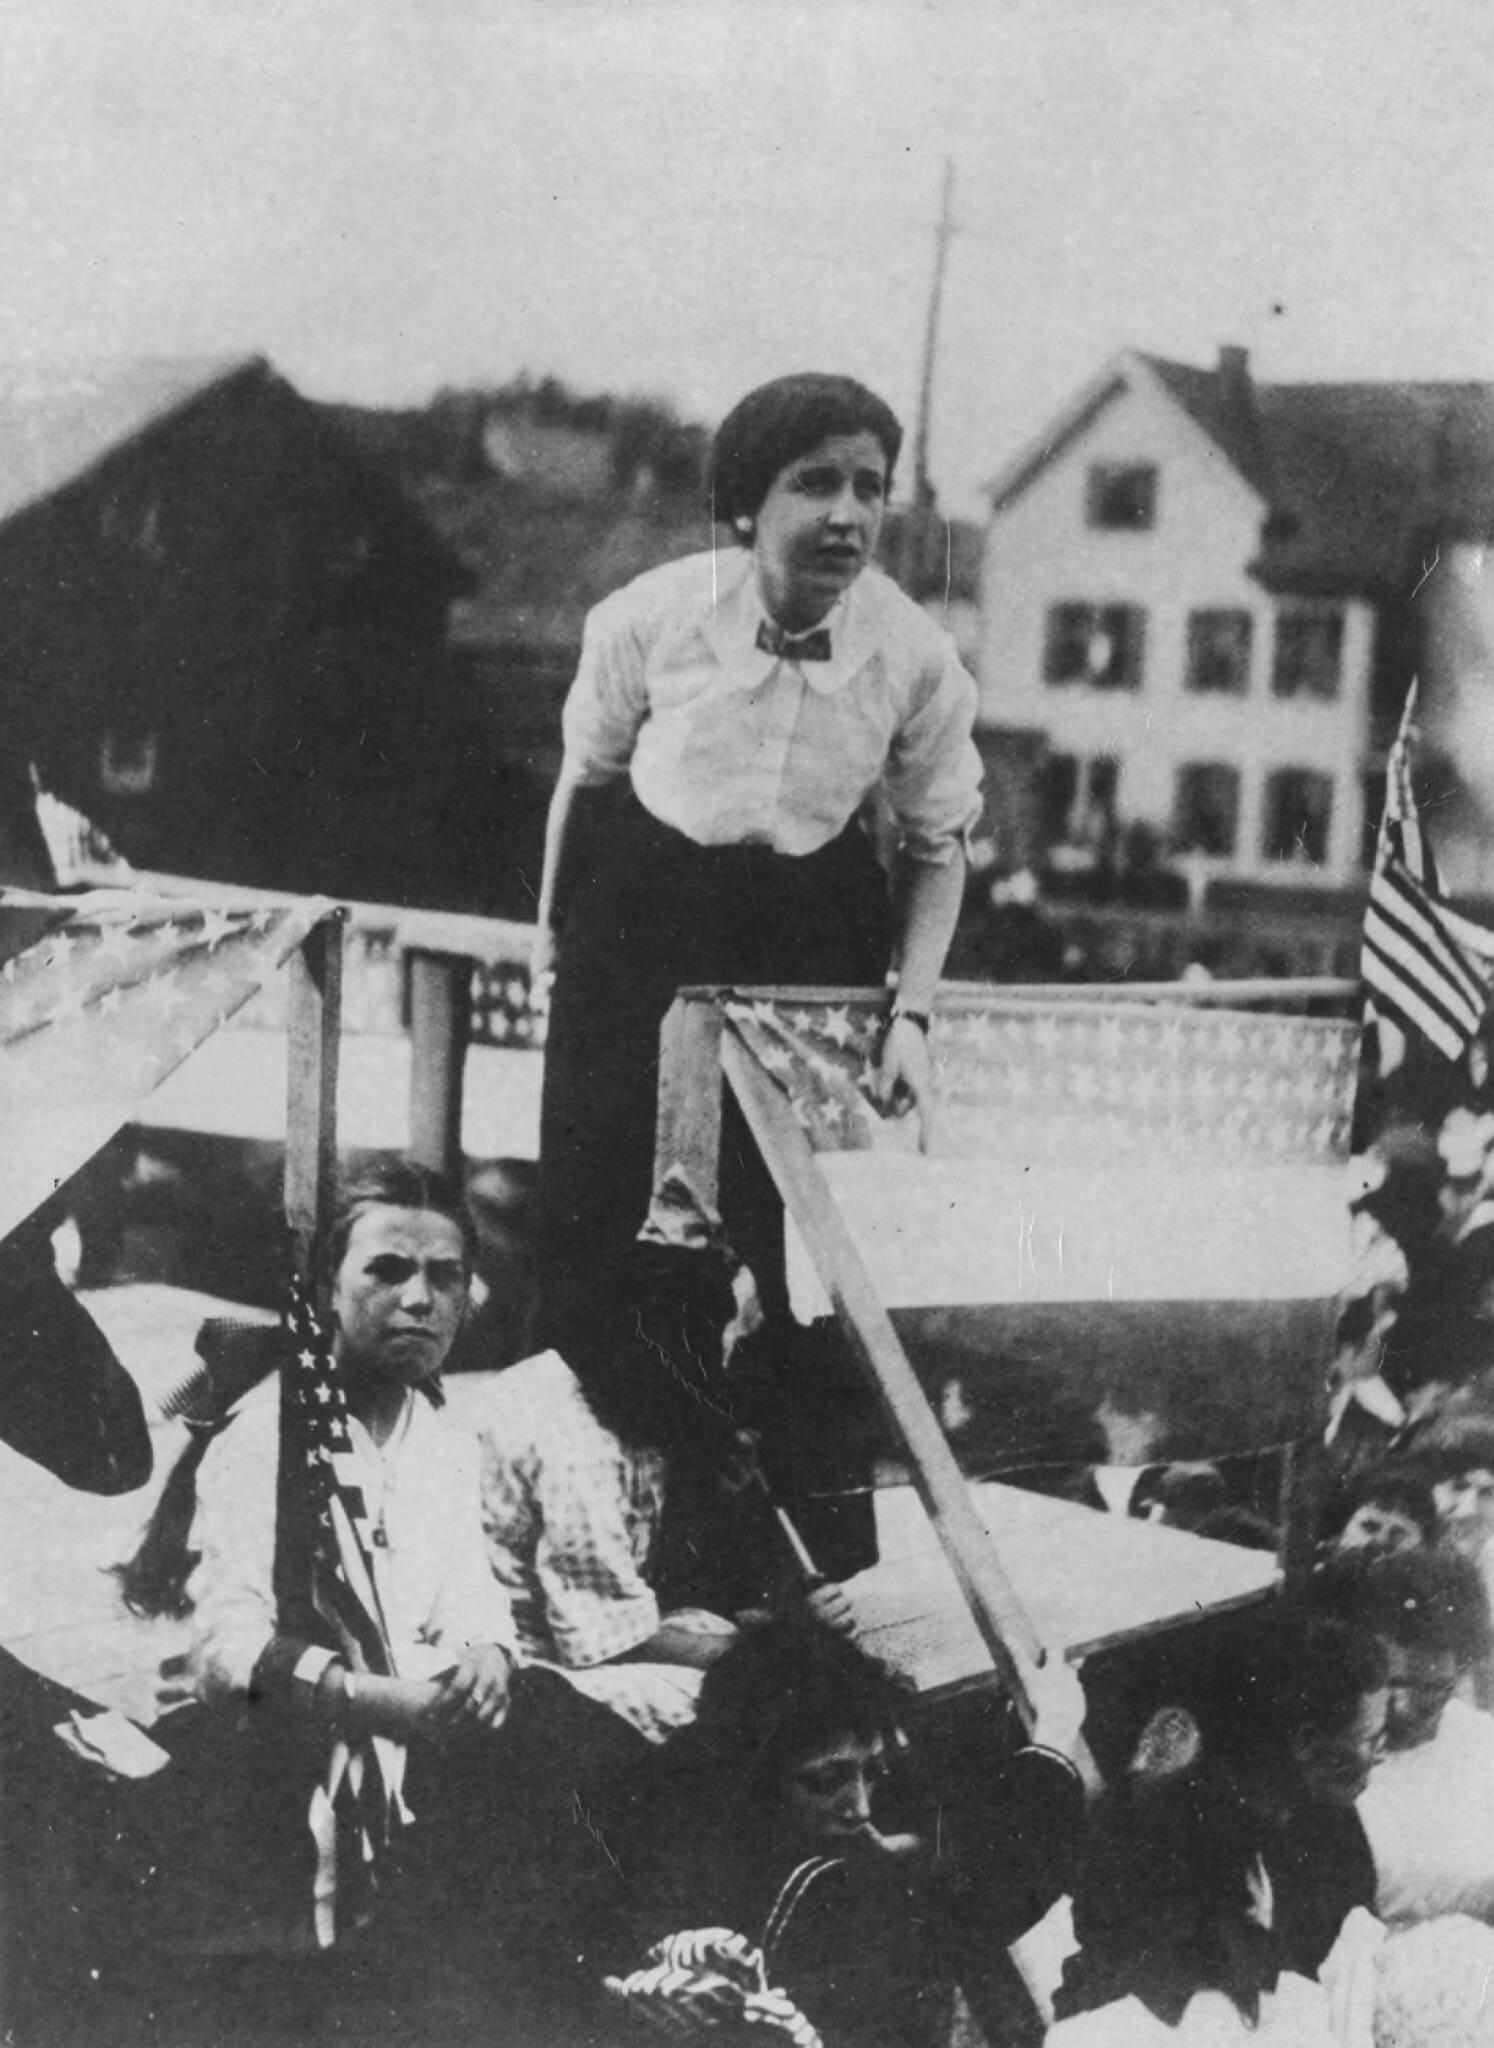 הנואמות המשלהבות אמה גולדמן (למעלה), במהלך אחד מנאומיה הרבים, ואליזבת גורלי פלין (צילום: ספריית וולטר פ' רויטר, ארכיון העבודה והעניינים האורבניים, אוניברסיטת ויין סטייט)